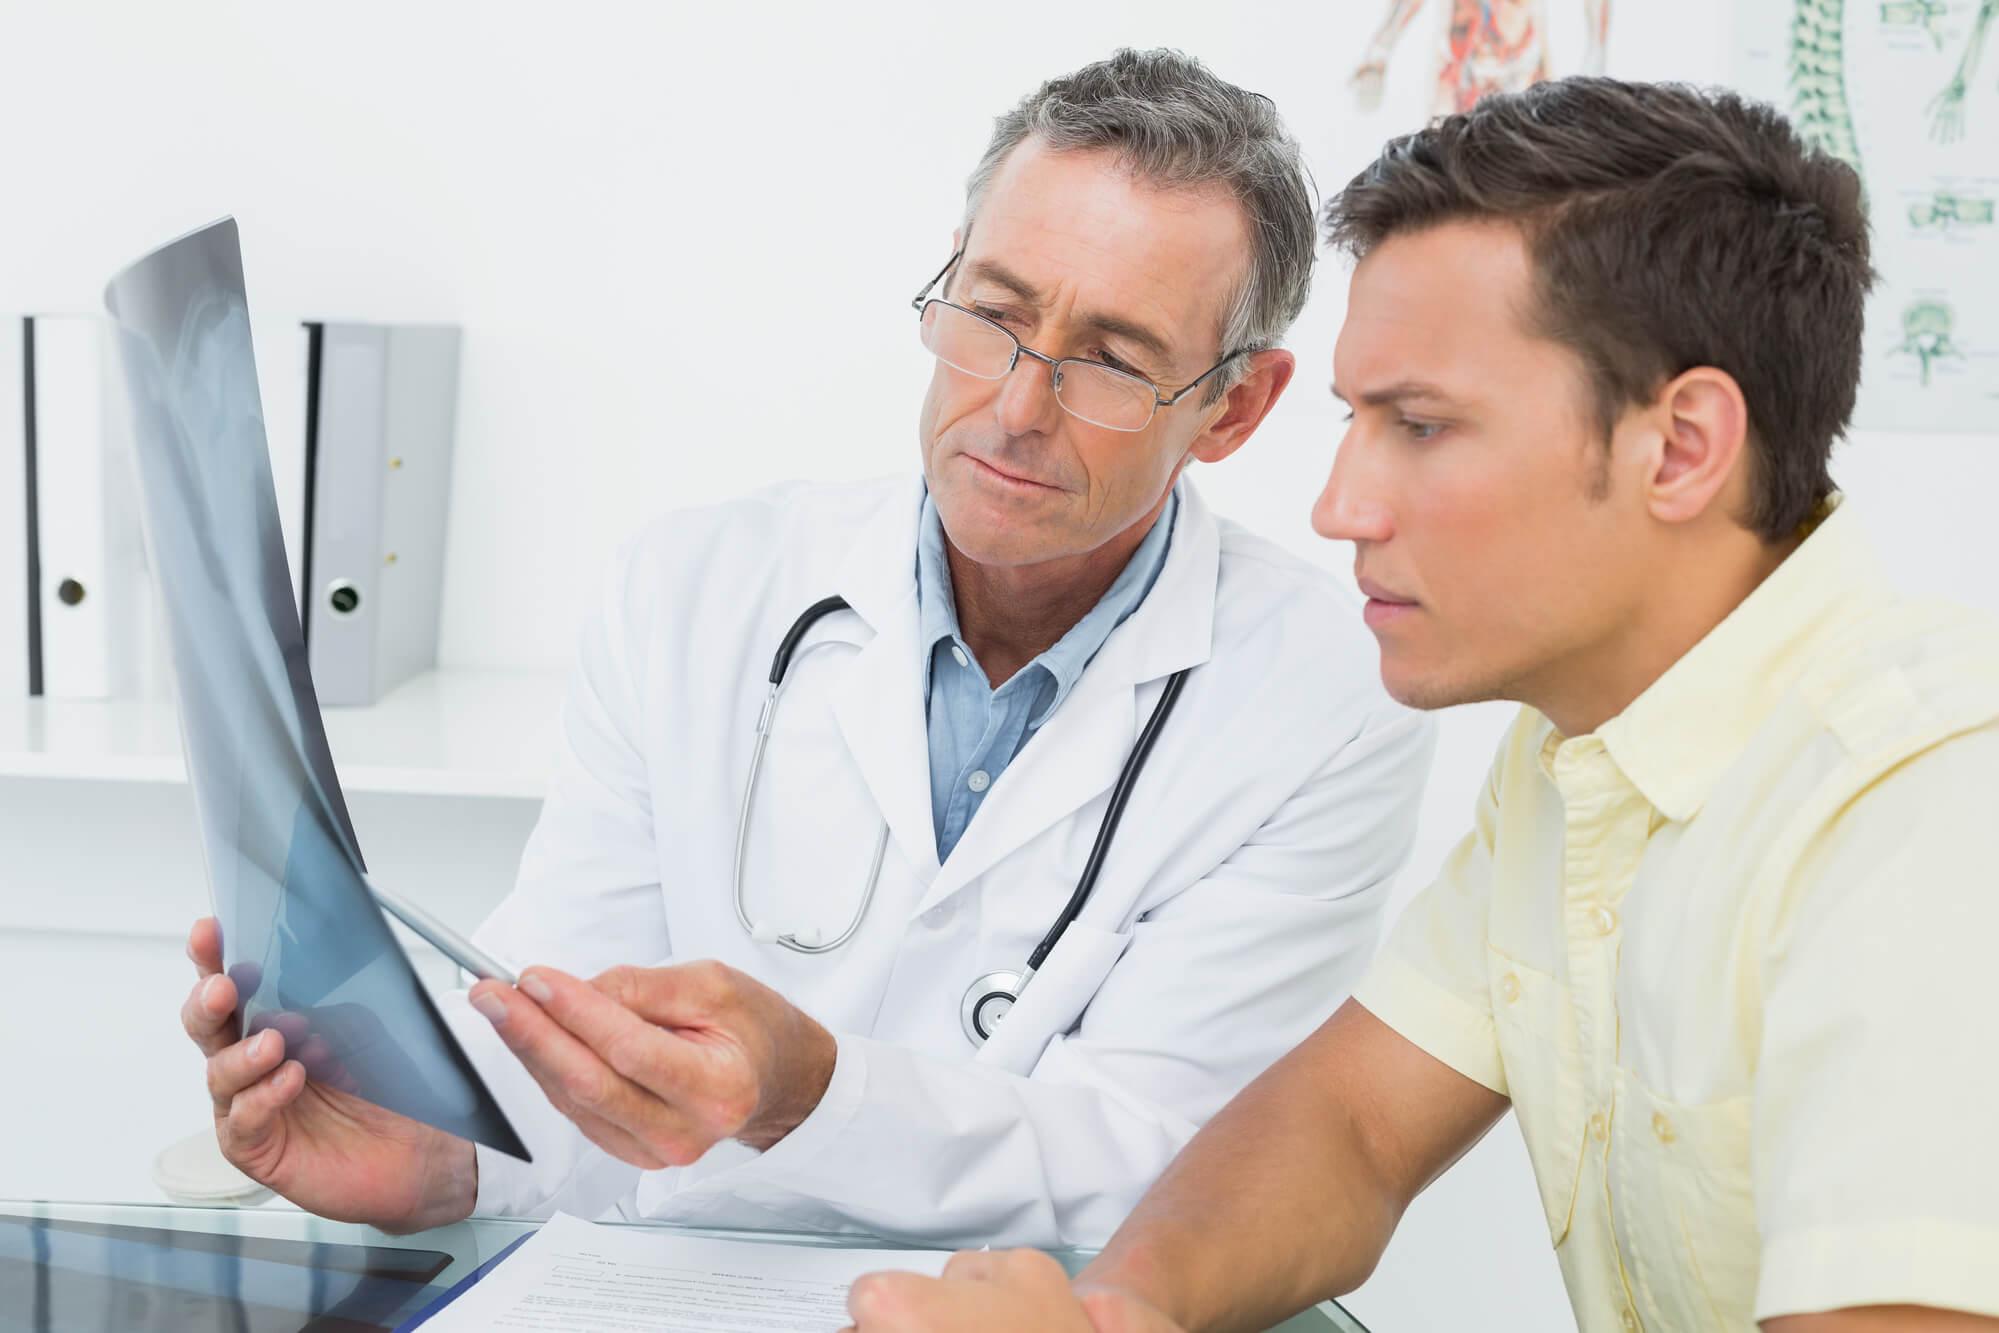 治疗男性不育,哪些情况下需要取精呢?